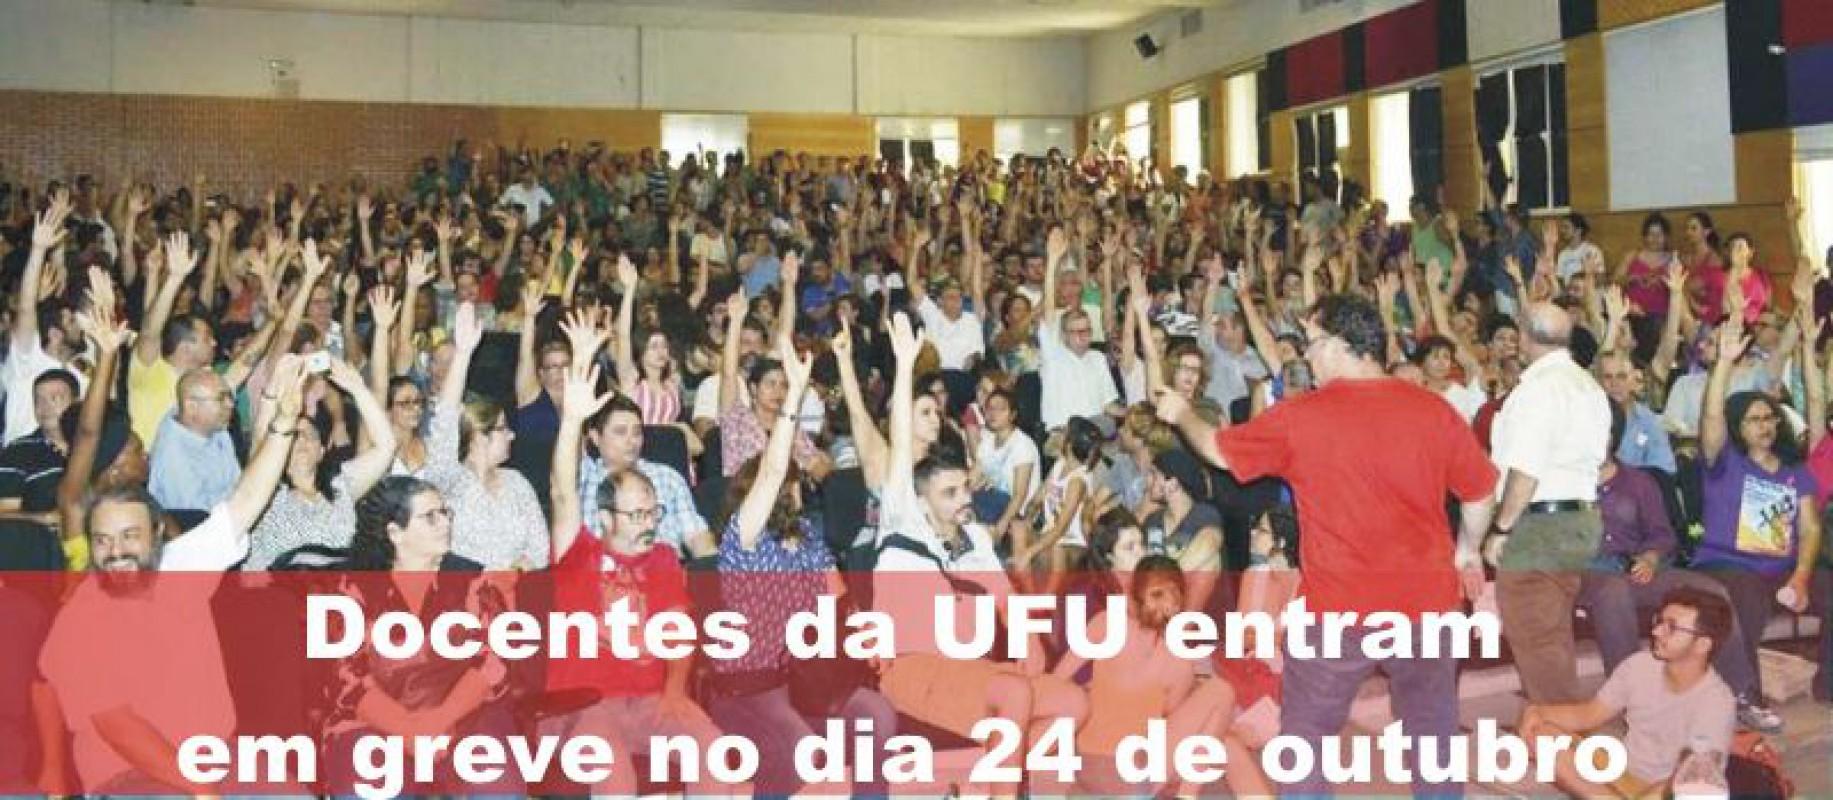 Docentes da UFU entram em greve  no dia 24 de outubro